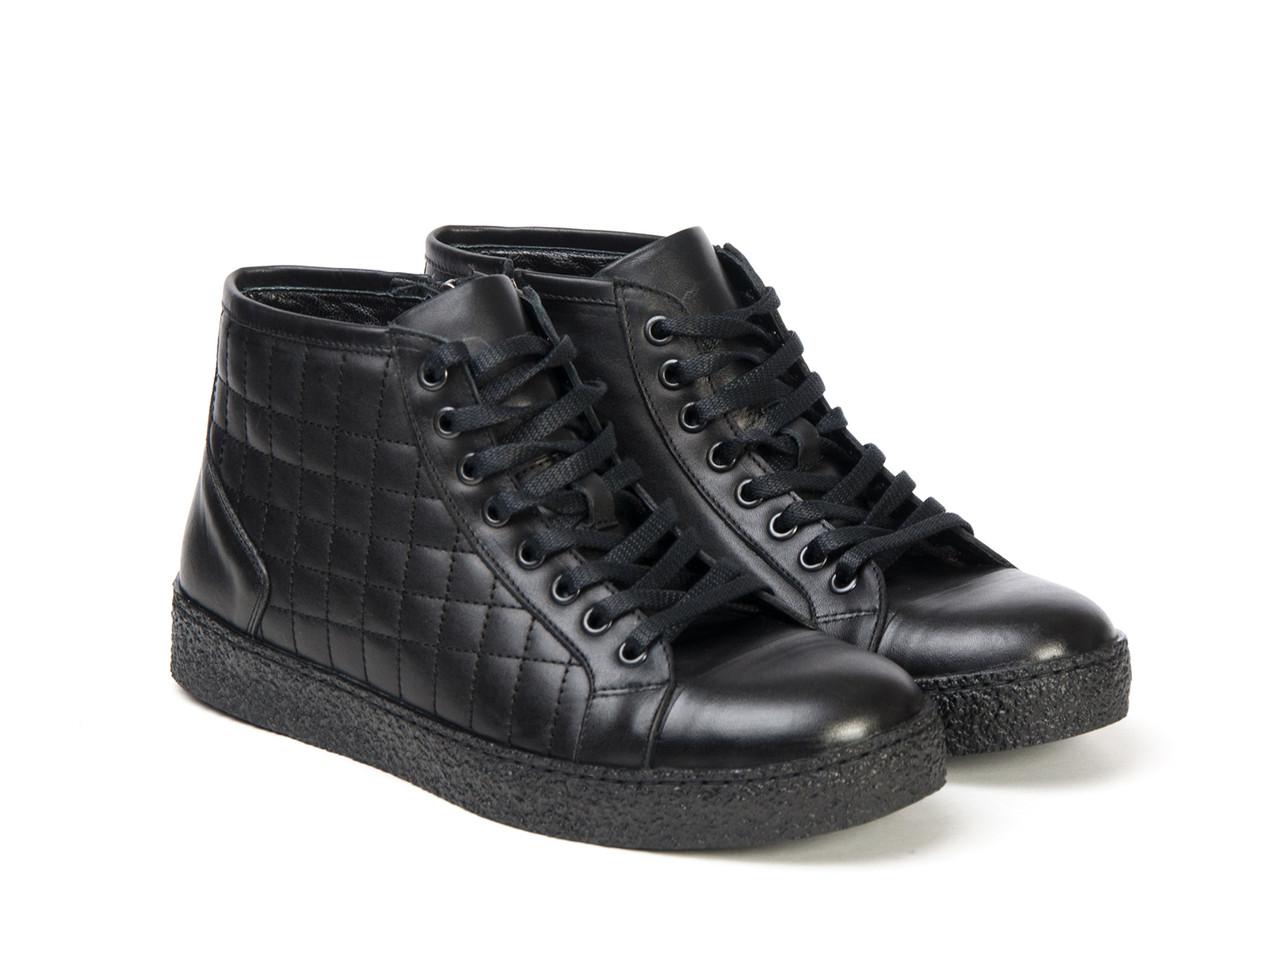 Ботинки Etor 12083-07132 черные